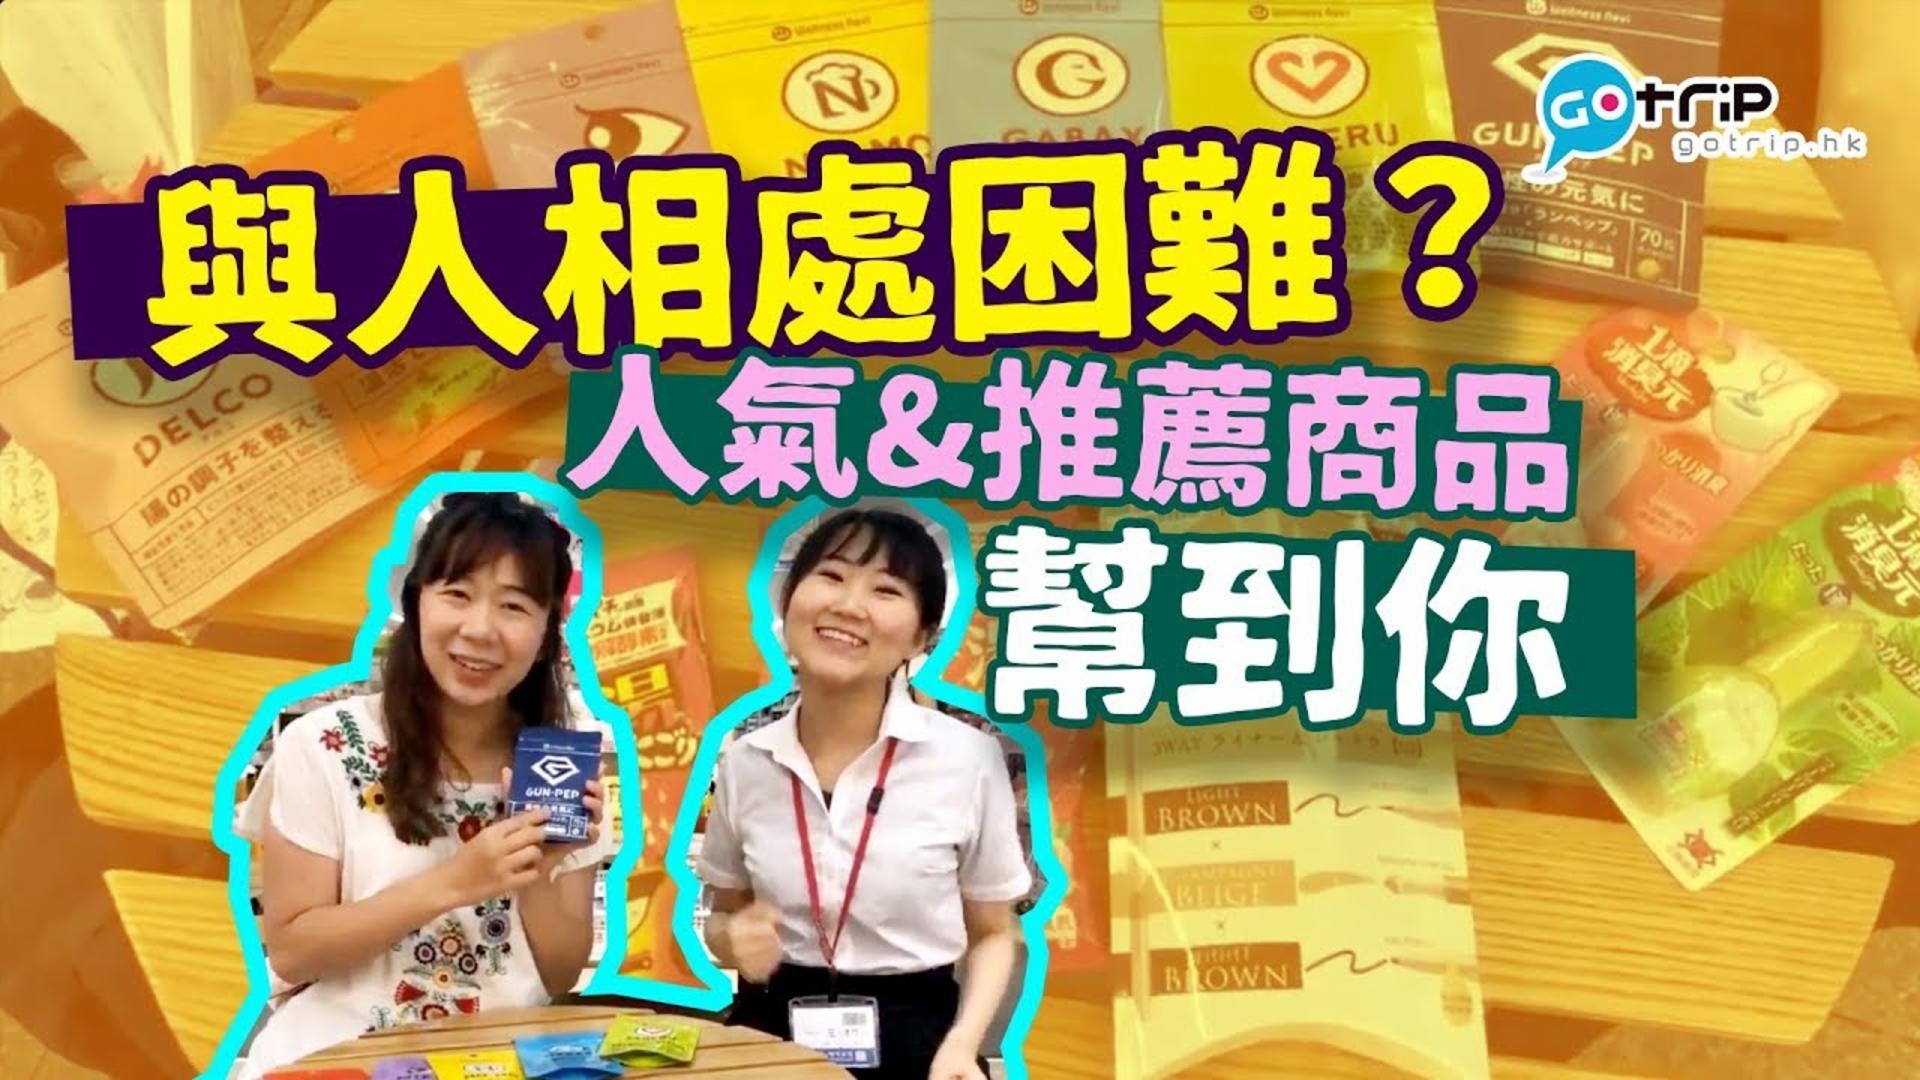 日本 札幌藥妝店的人氣&推薦商品  【學做日本人】Ep.20